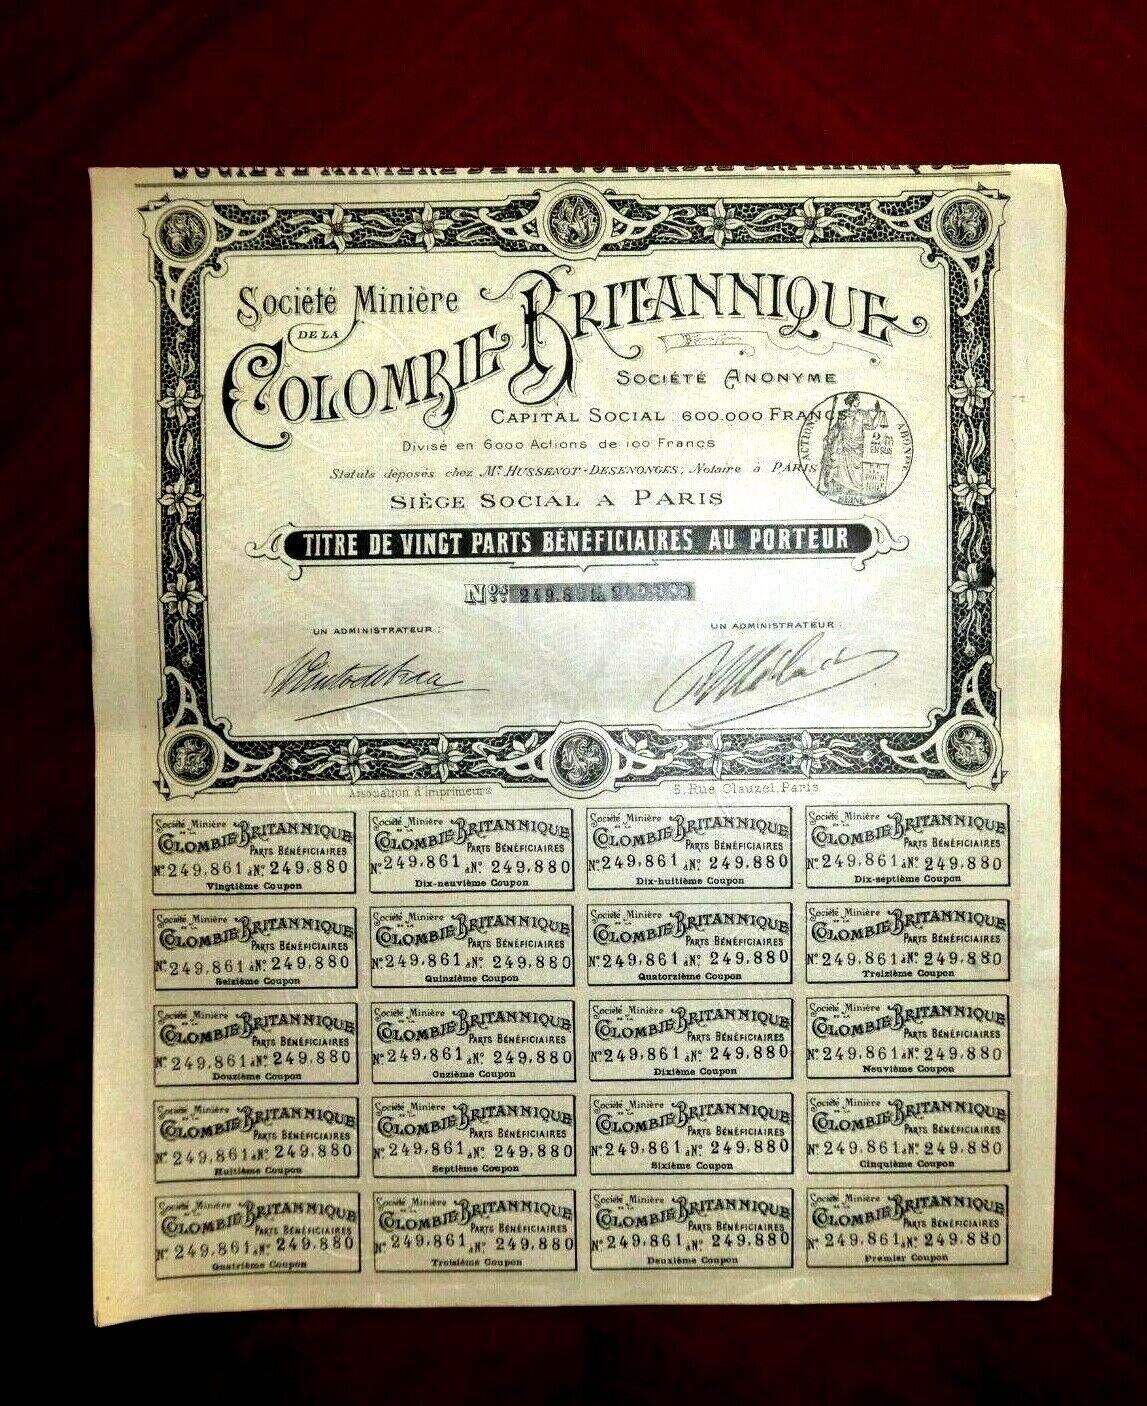 Société Minière Colombie Britannique , British Columbia, Canadá share cert.1903